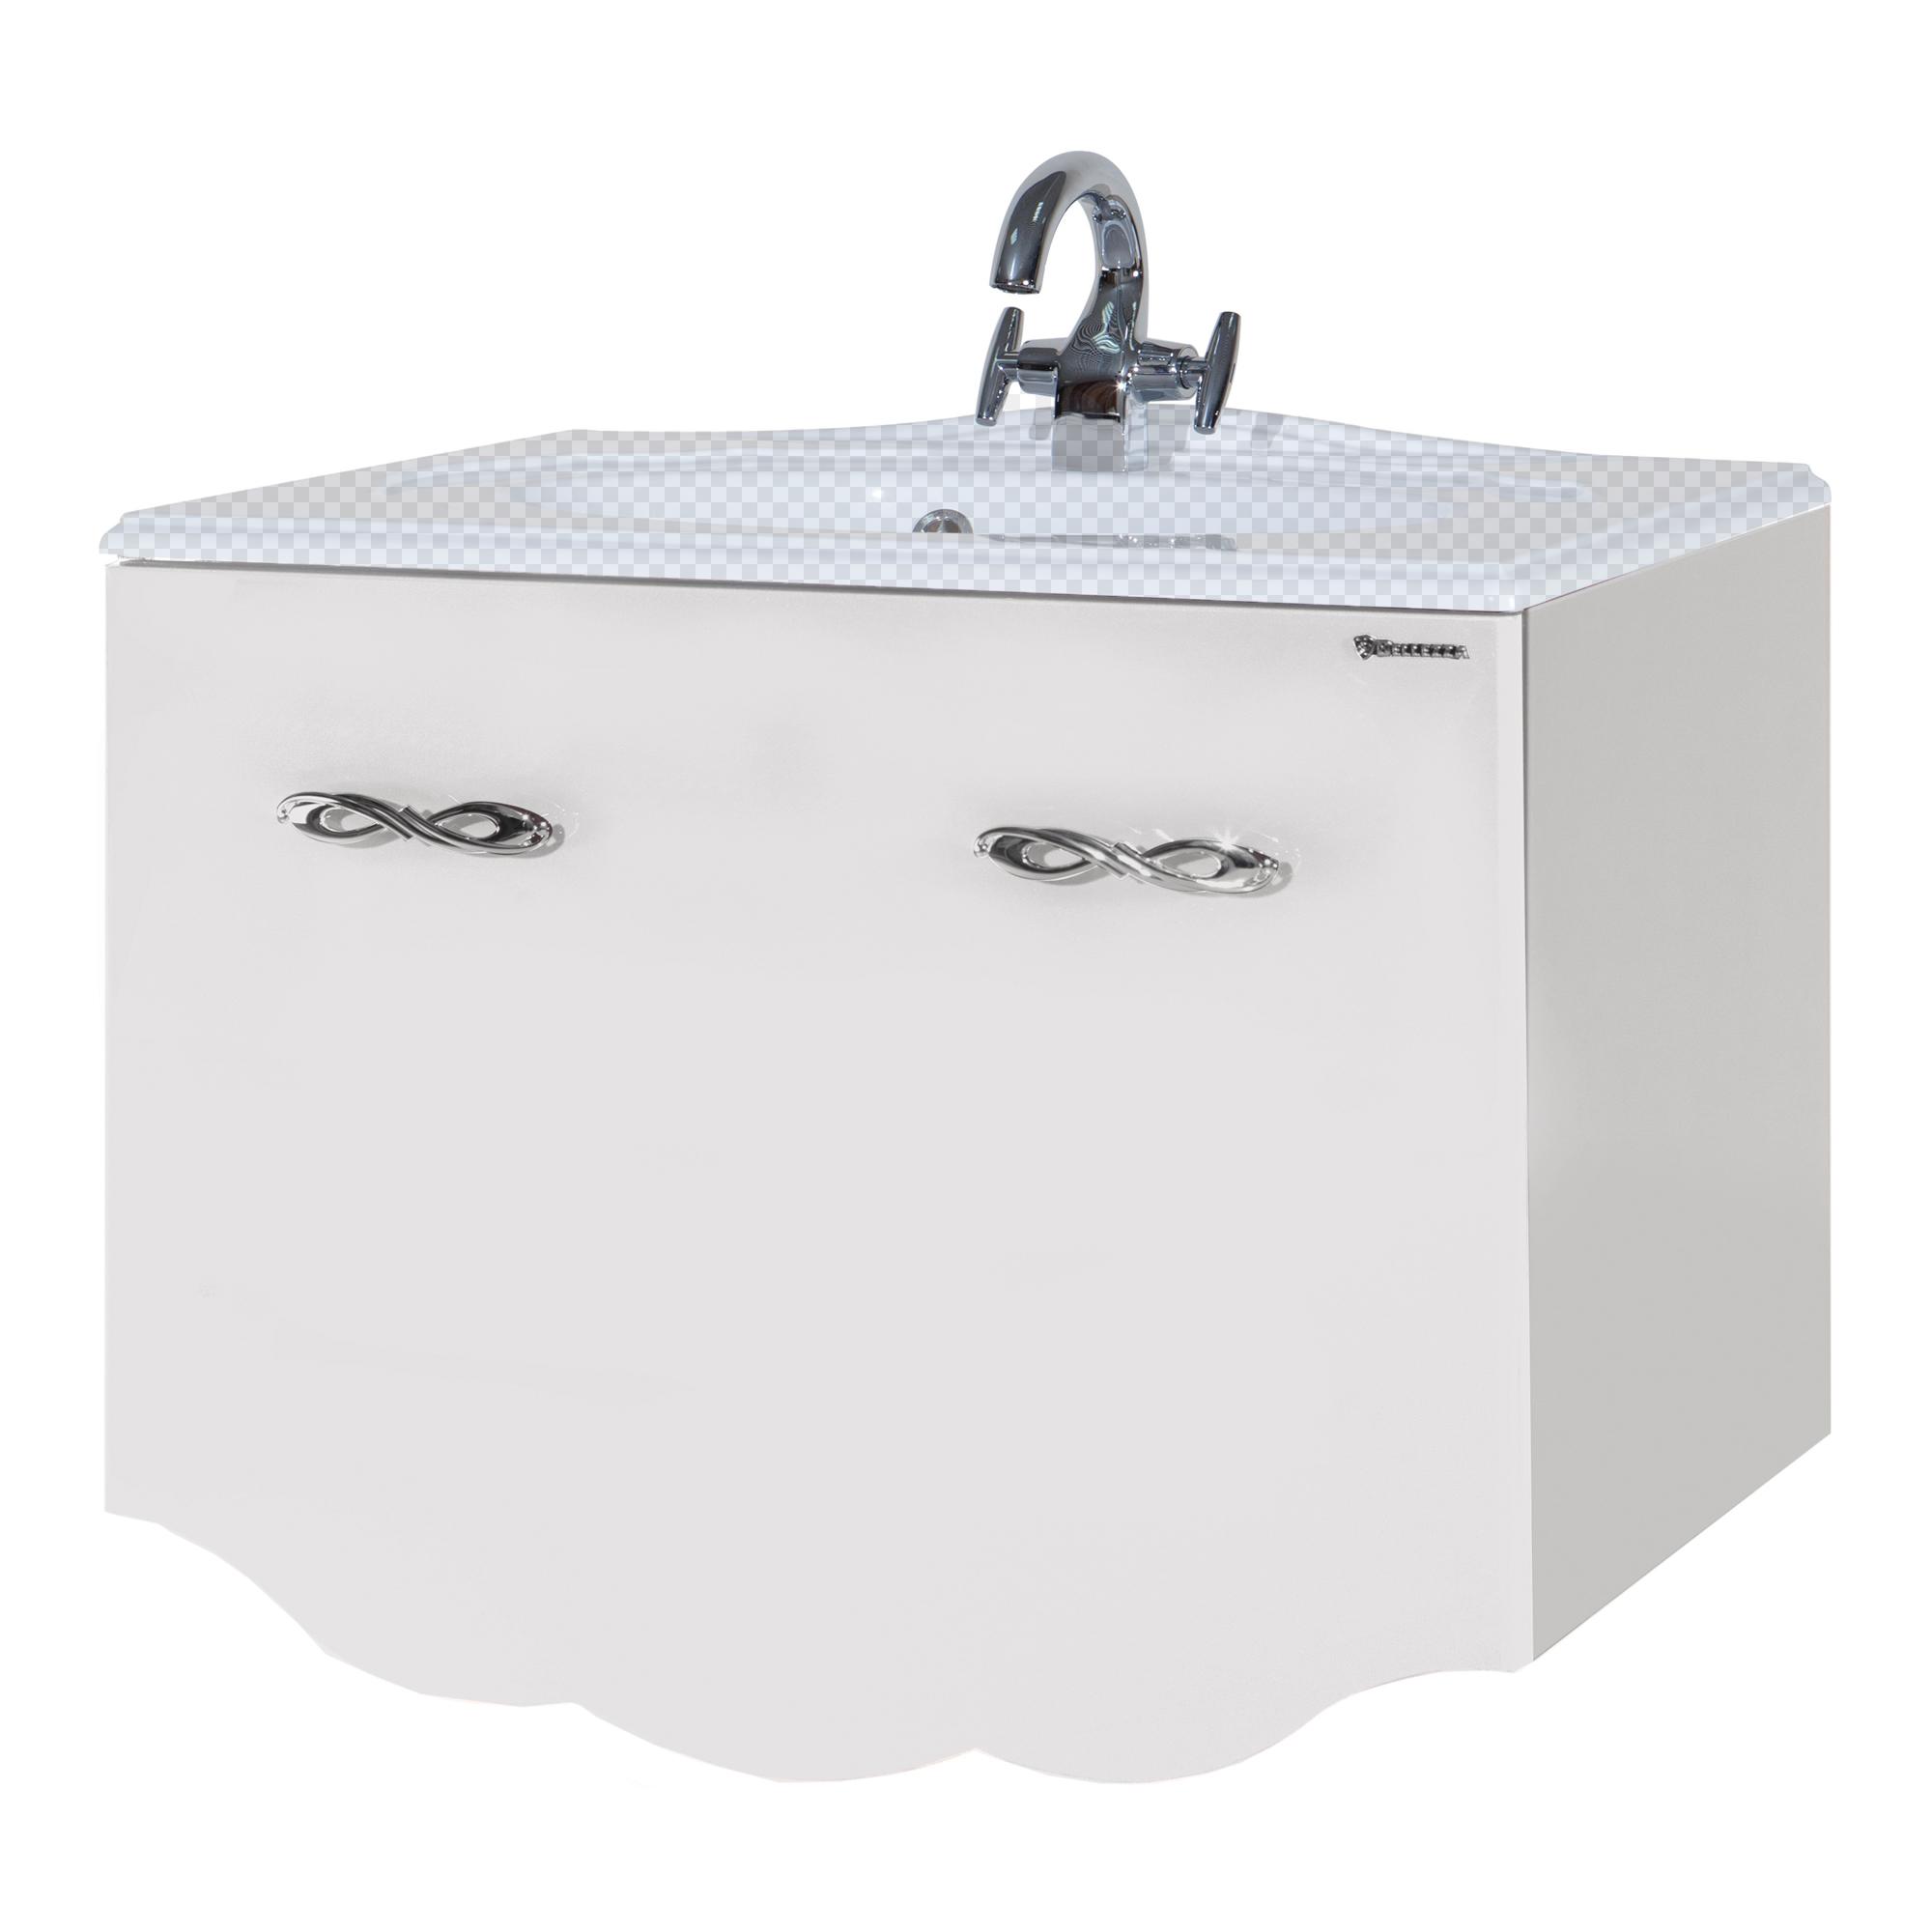 Тумба под раковину Bellezza Версаль 100 белый (внутр. 1) тумба под раковину ideal standard tesi 80х49х44 с 2 мя ящиками белый лак t0051ov